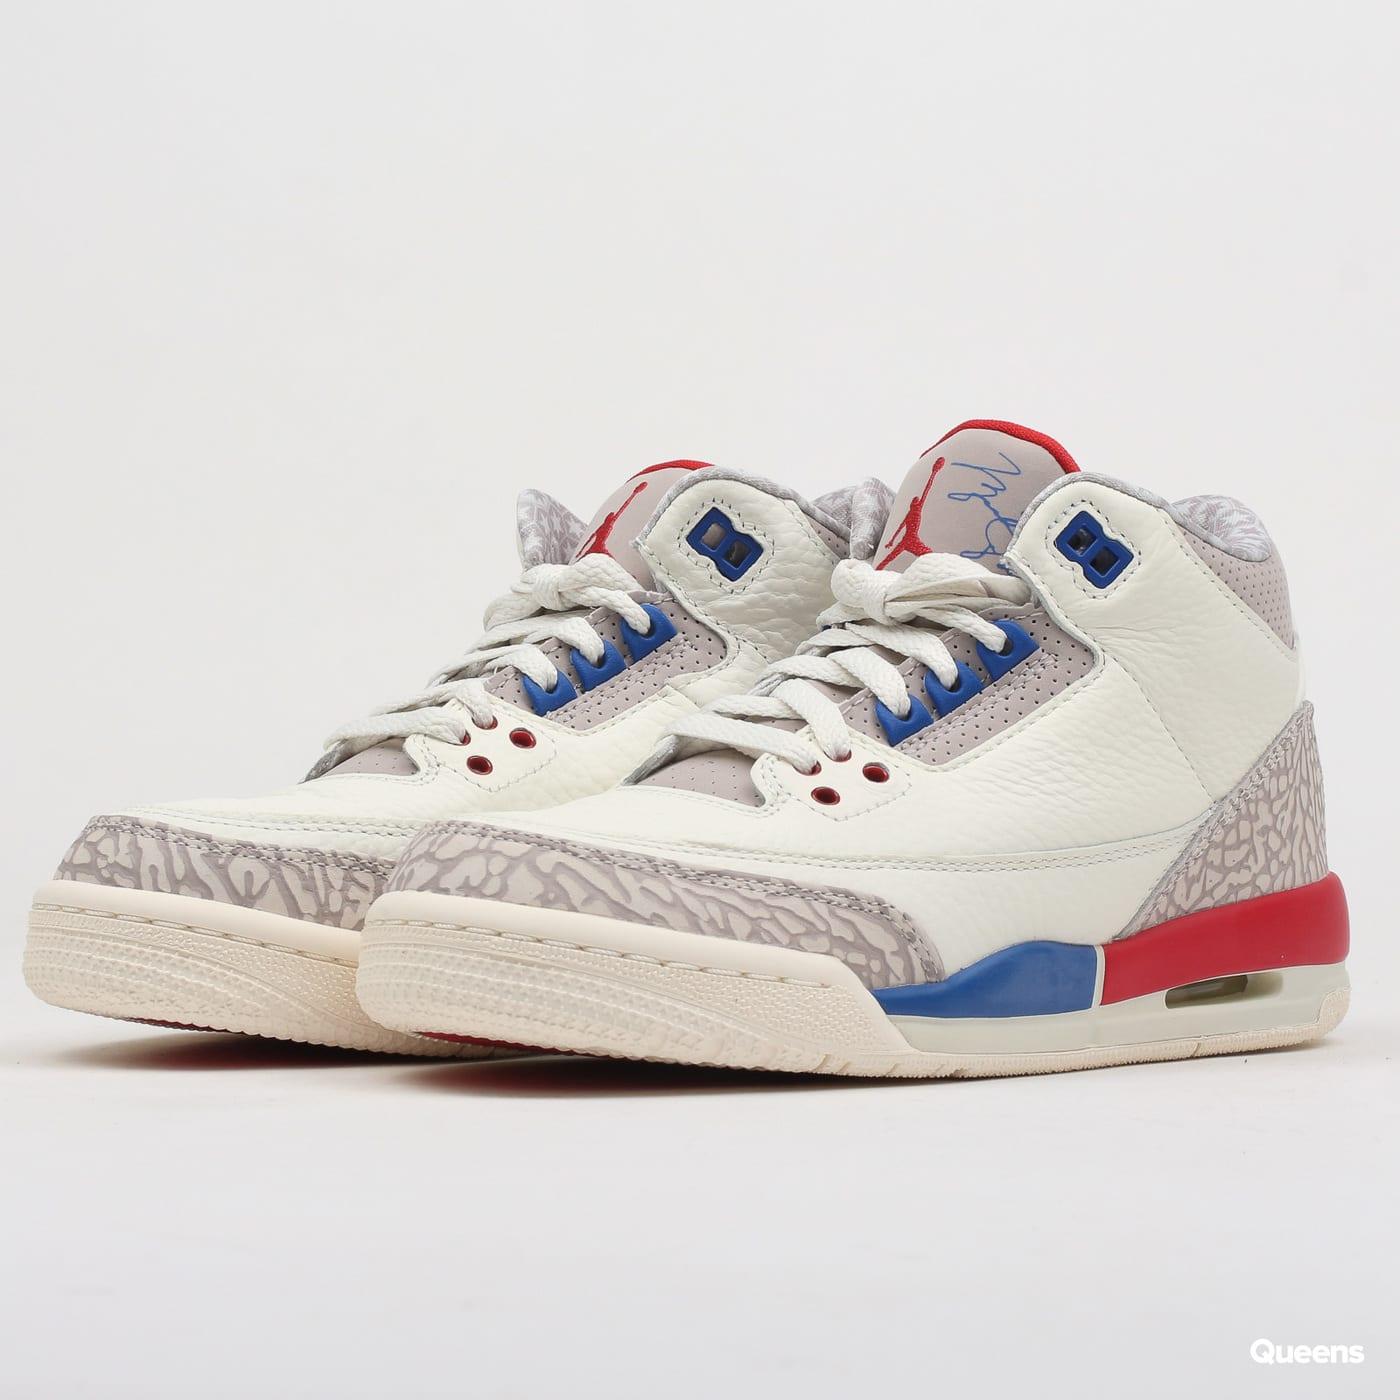 sale retailer bbe72 63020 Jordan Air Jordan 3 Retro BG (398614-140)– Queens 💚